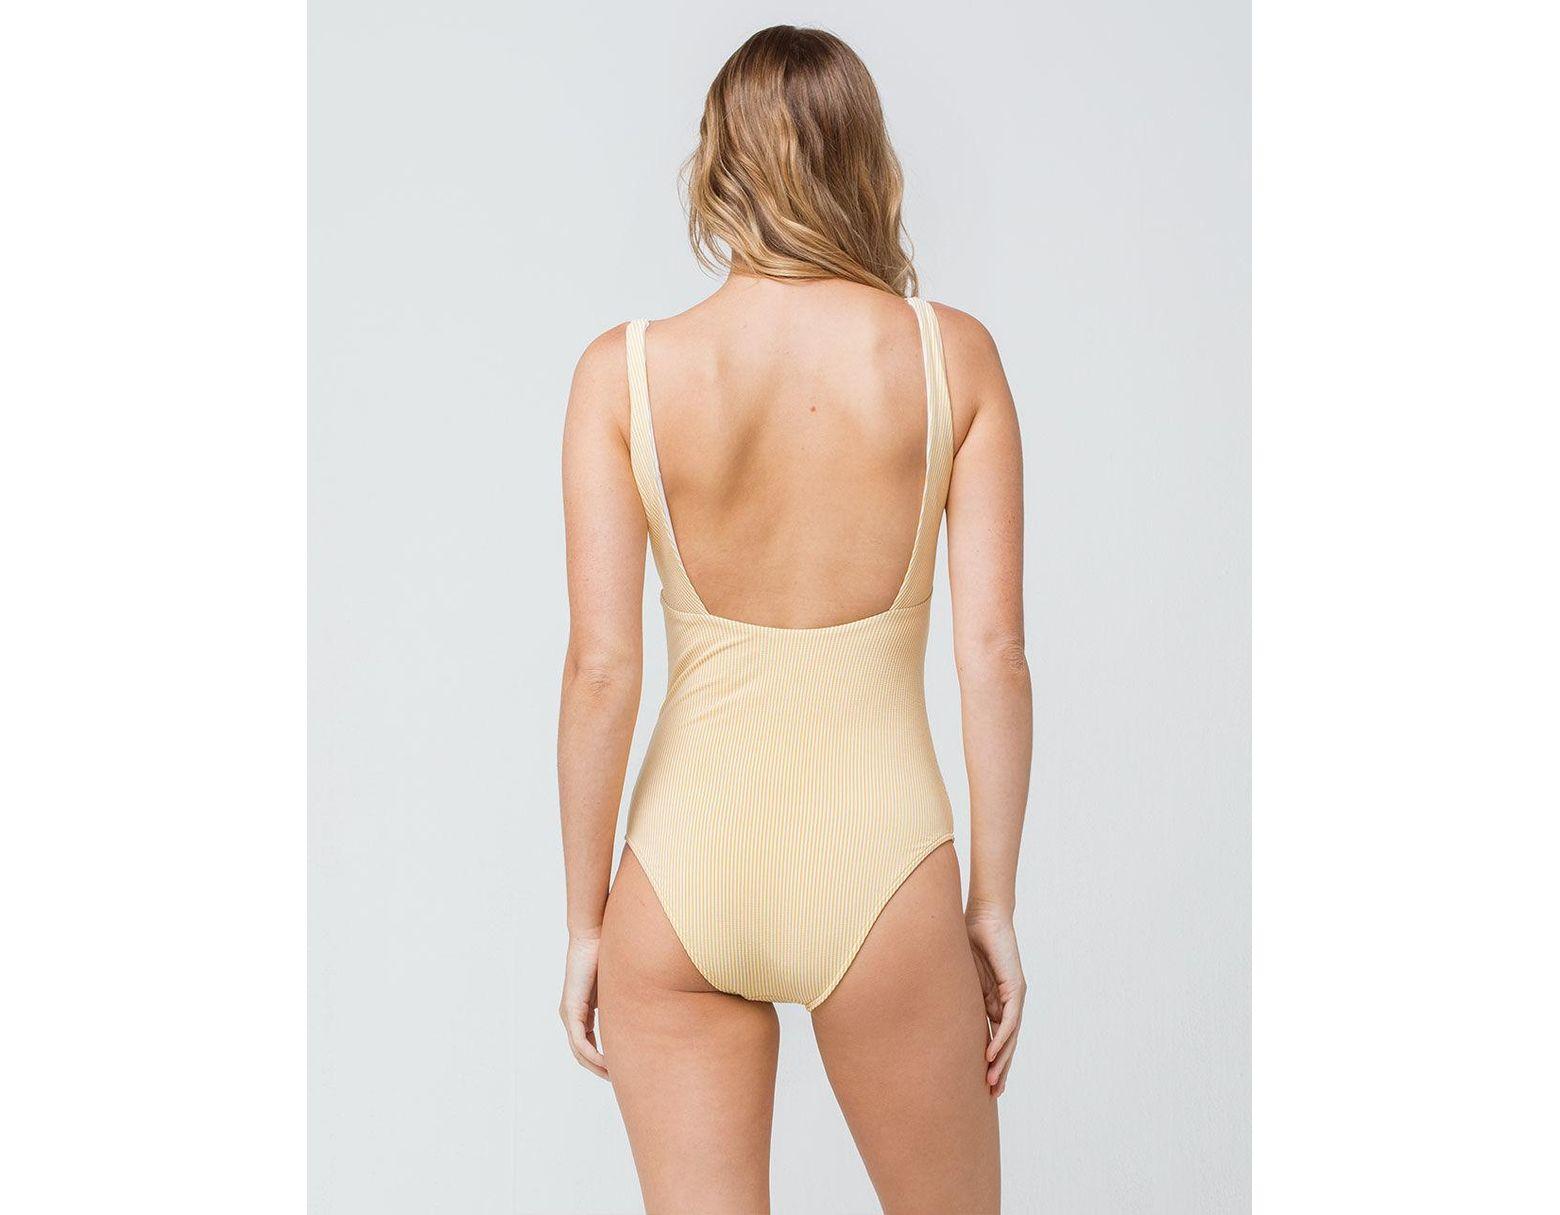 7d0d3d1285b Roxy Bali Dreamers One Piece Swimsuit in Yellow - Lyst